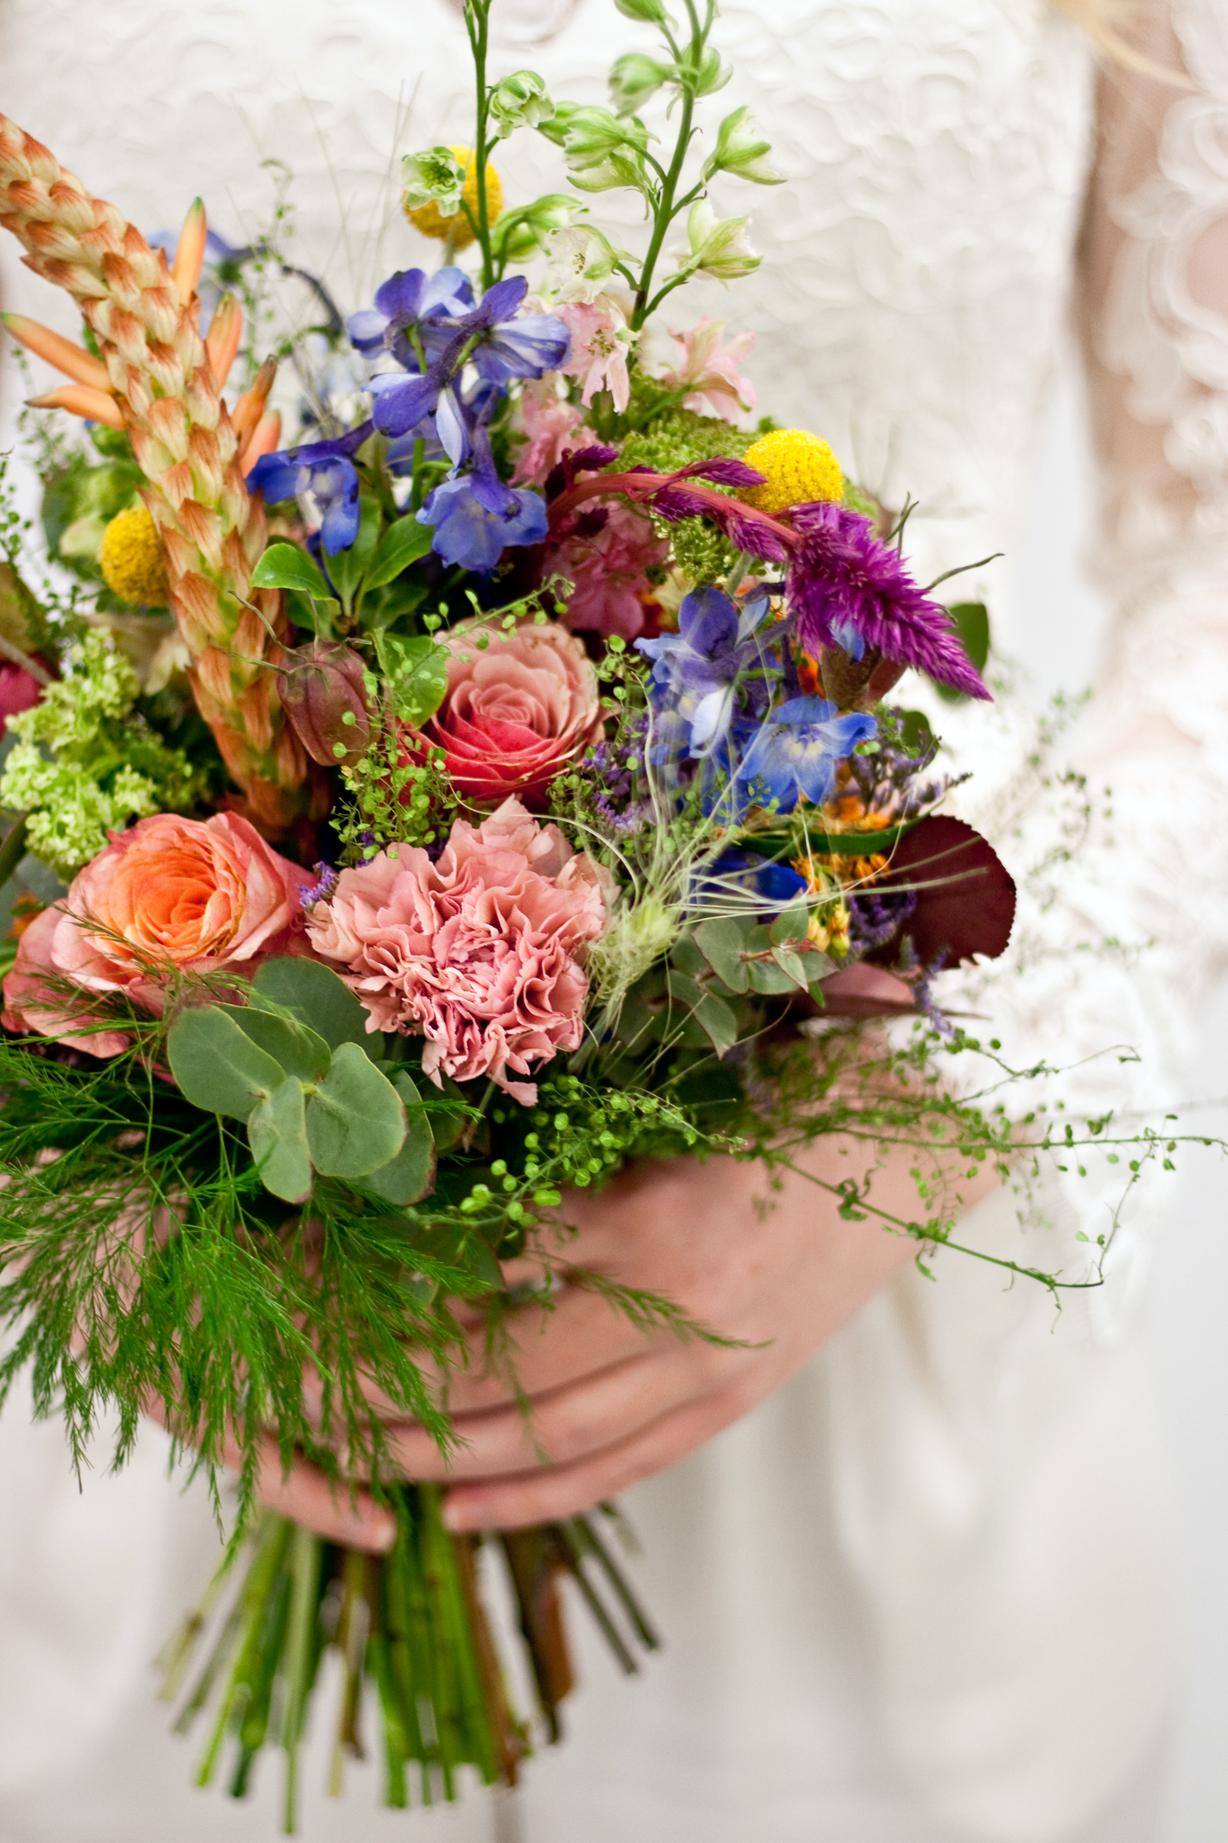 Bryllupsmesse_serviceudlejning København_udlejning_bryllupsblomster_blomster til bryllup_A table story_bryllup